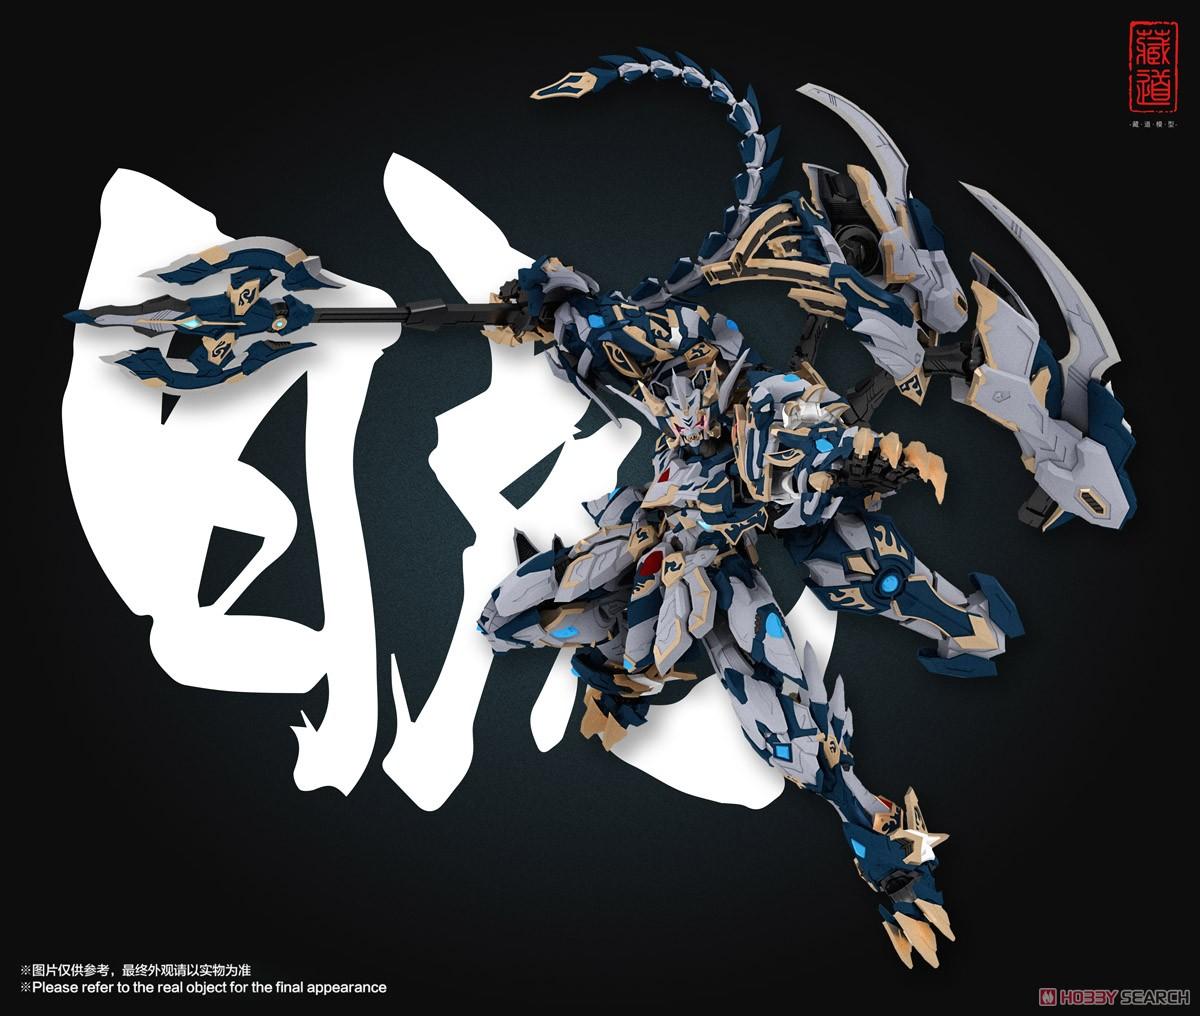 『CD-02 四聖獣 白虎』合金可動フィギュア-004